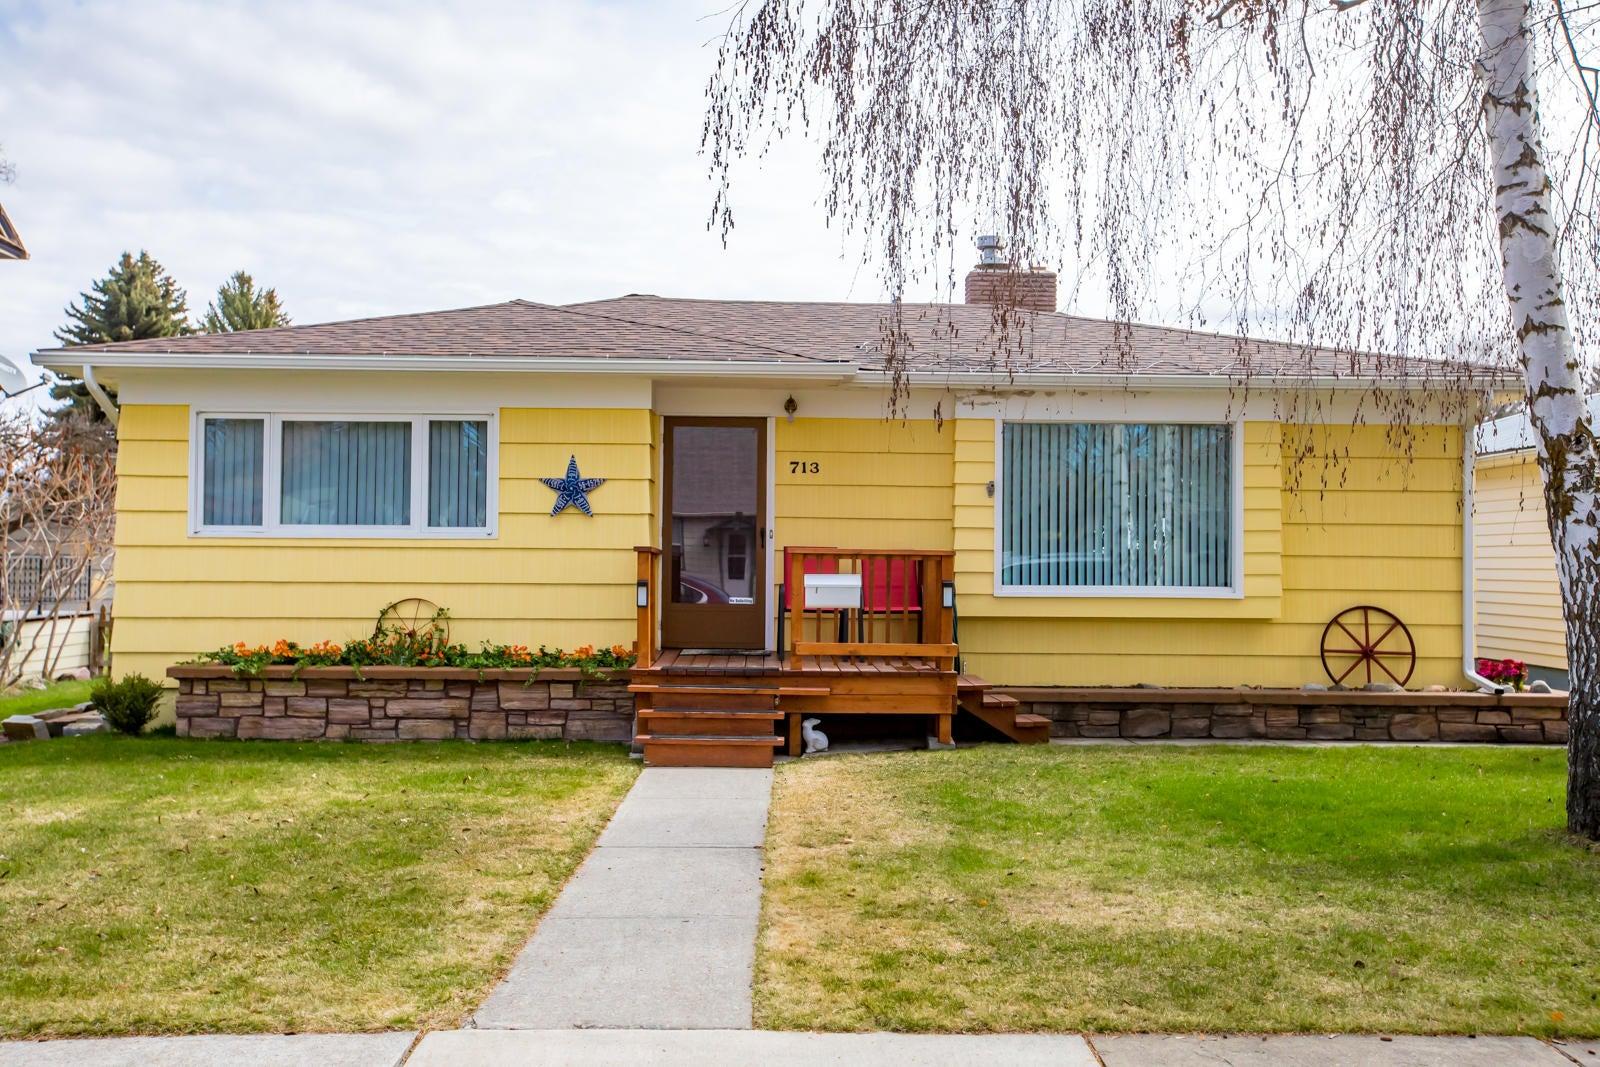 713 7th Avenue East, Kalispell, MT 59901